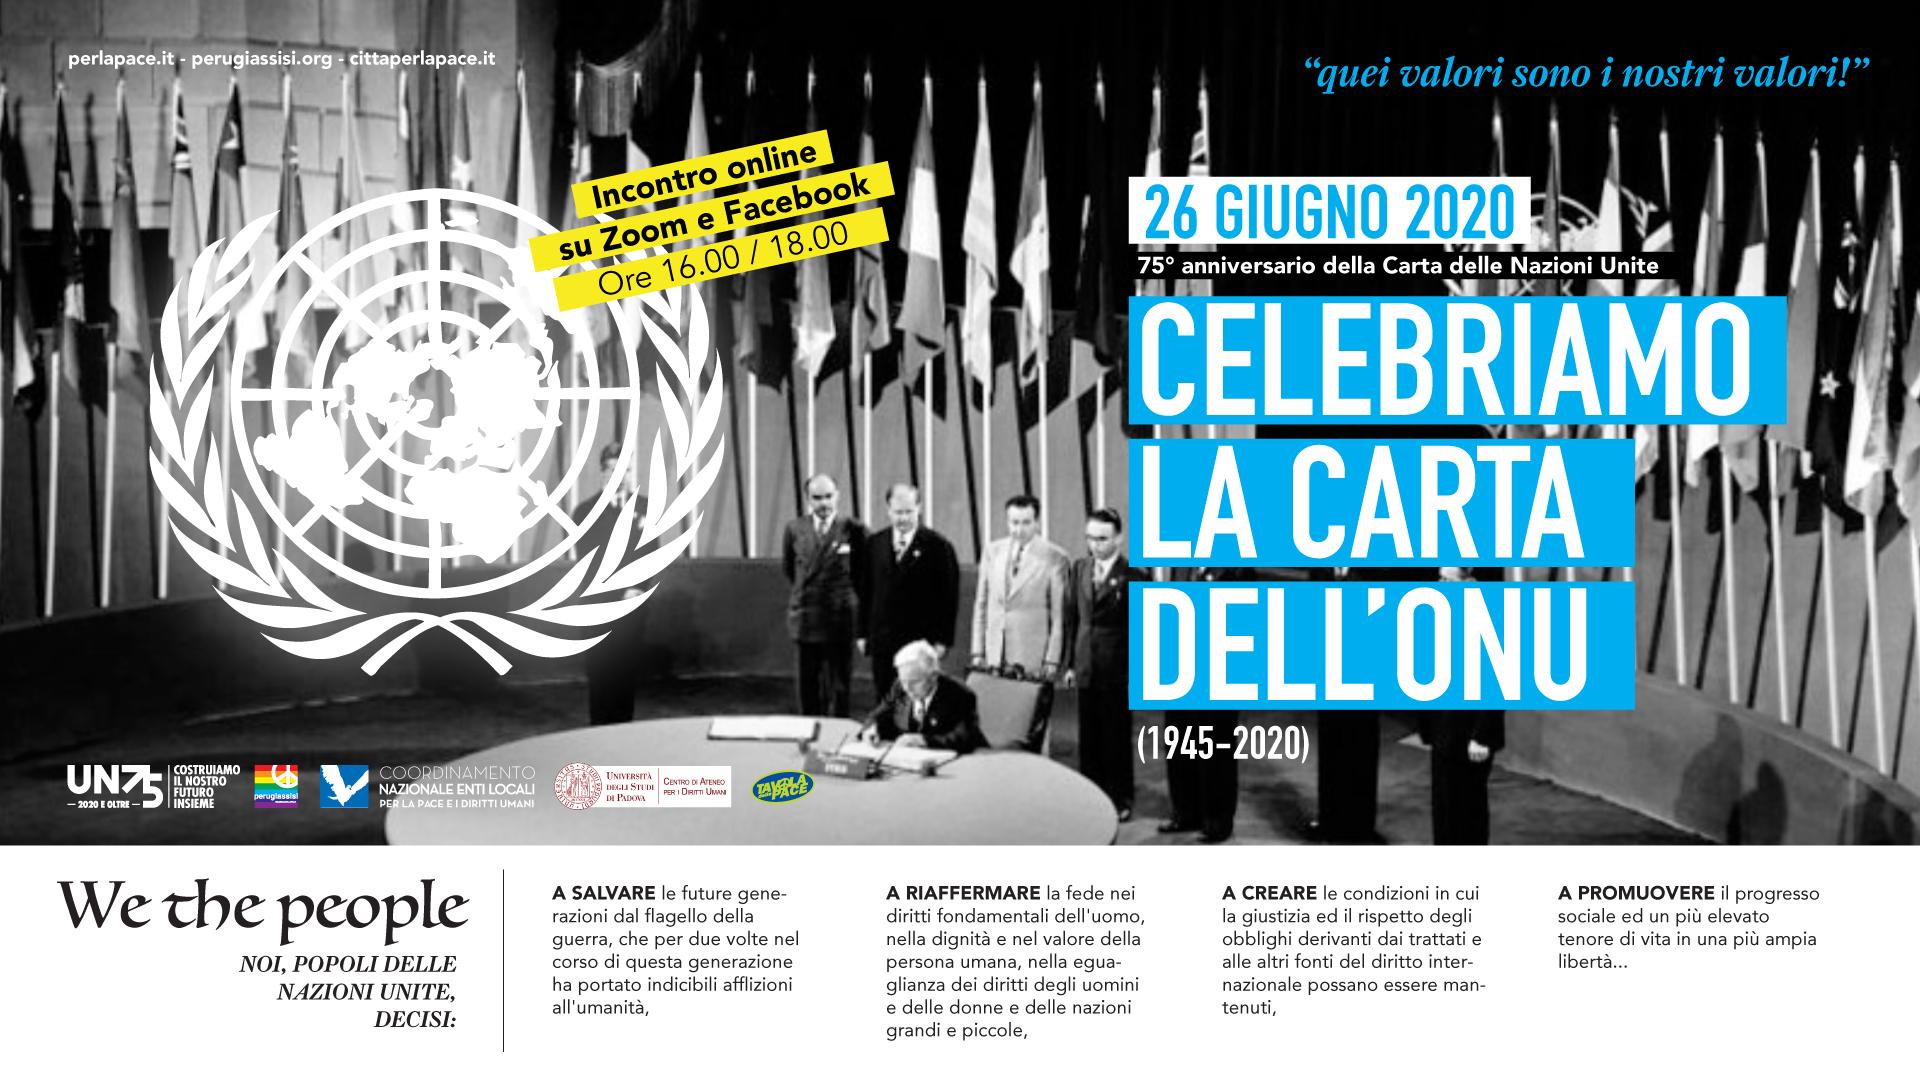 Celebriamo la Carta dell'ONU, 26 giugno 2020, 75° anniversario della Carta delle Nazioni Unite (1945-2020)